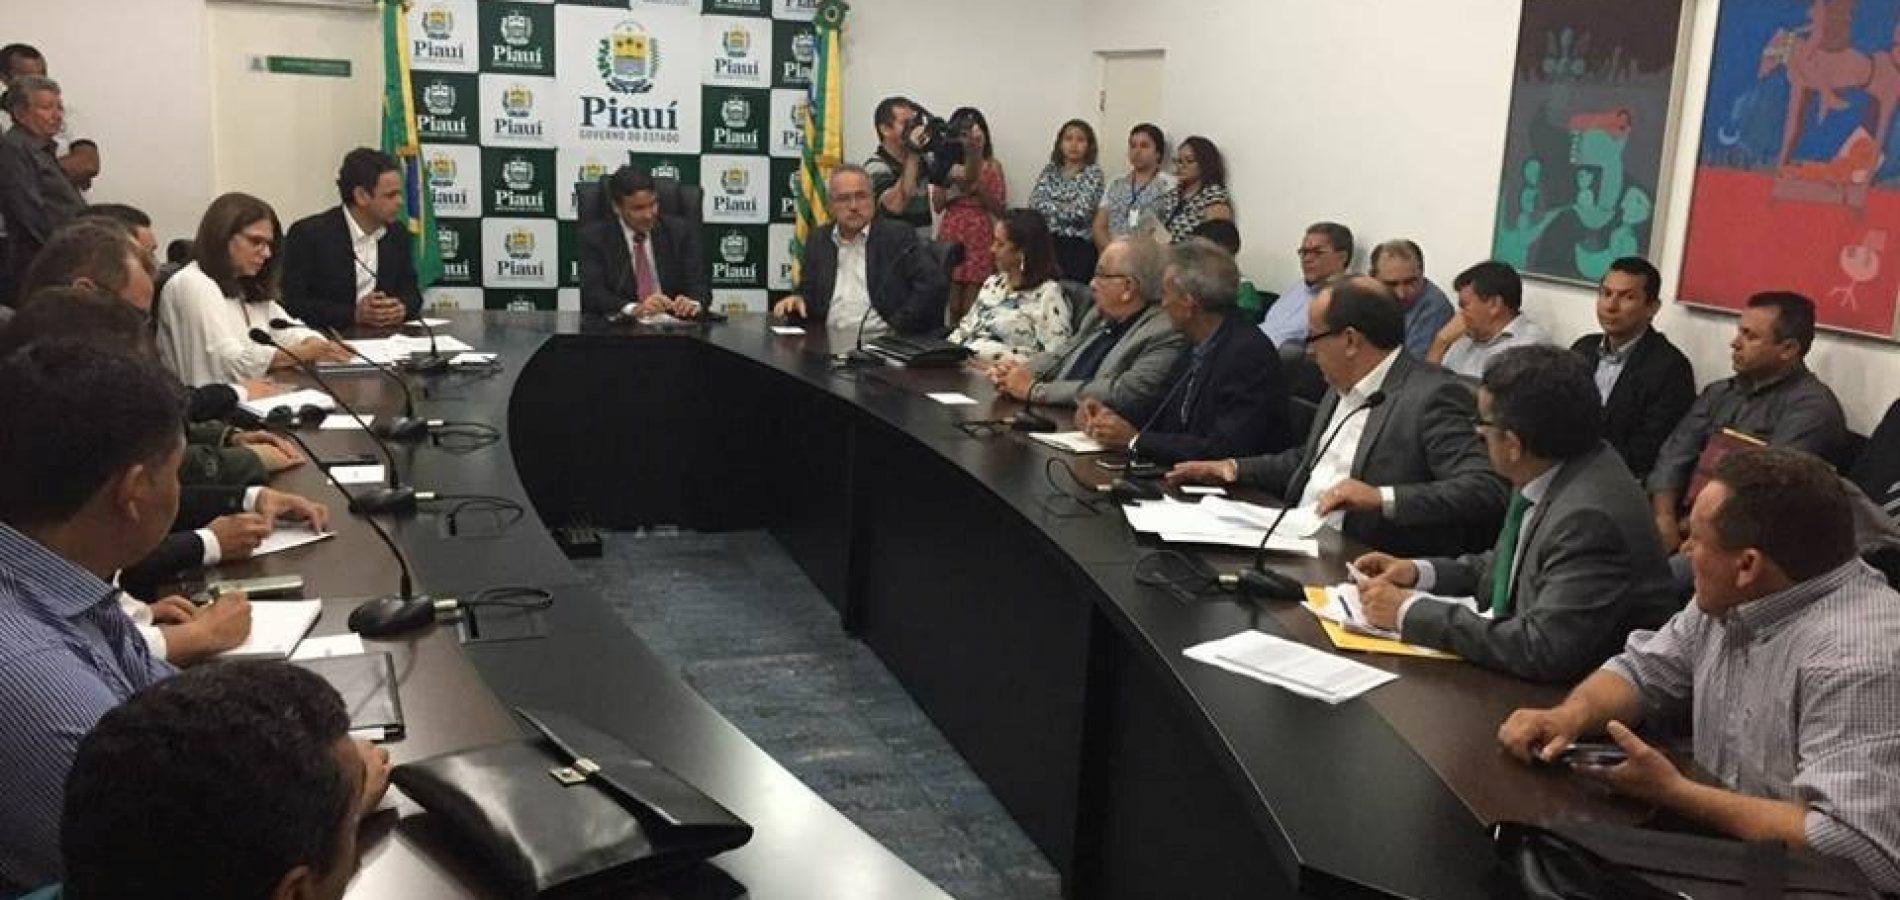 Prefeito Edilson Brito se reúne com governador para tratar da crise hídrica em Vila Nova